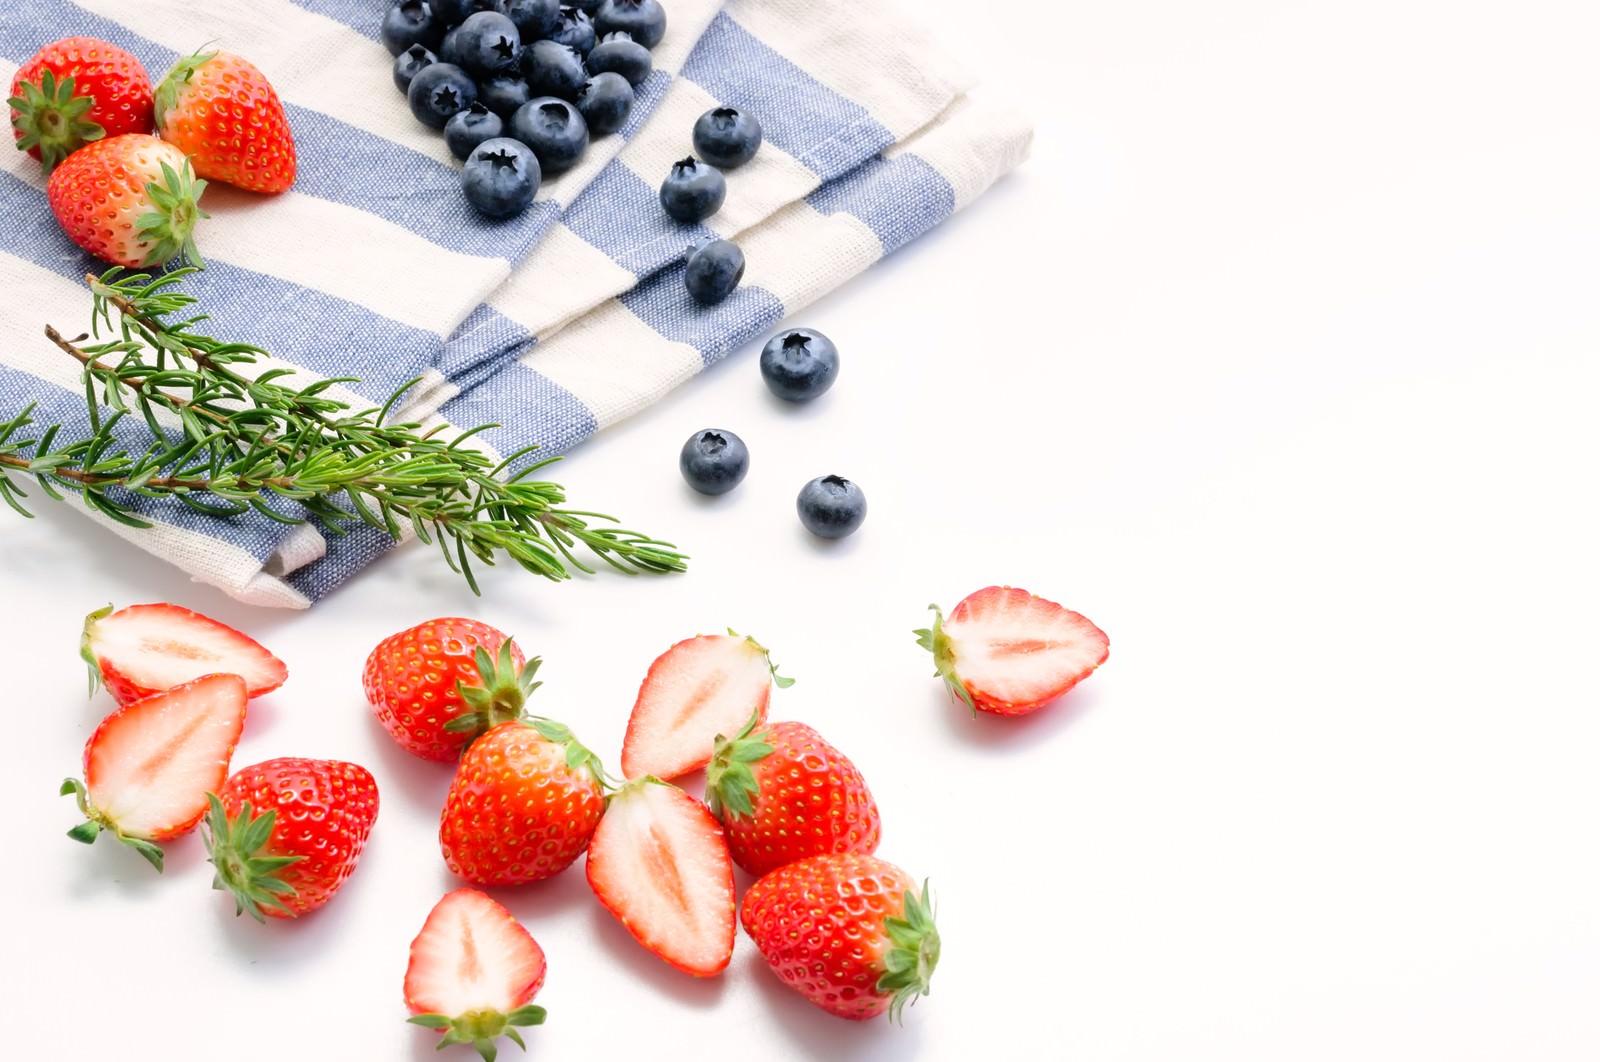 「みずみずしいイチゴとブルーベリーみずみずしいイチゴとブルーベリー」のフリー写真素材を拡大